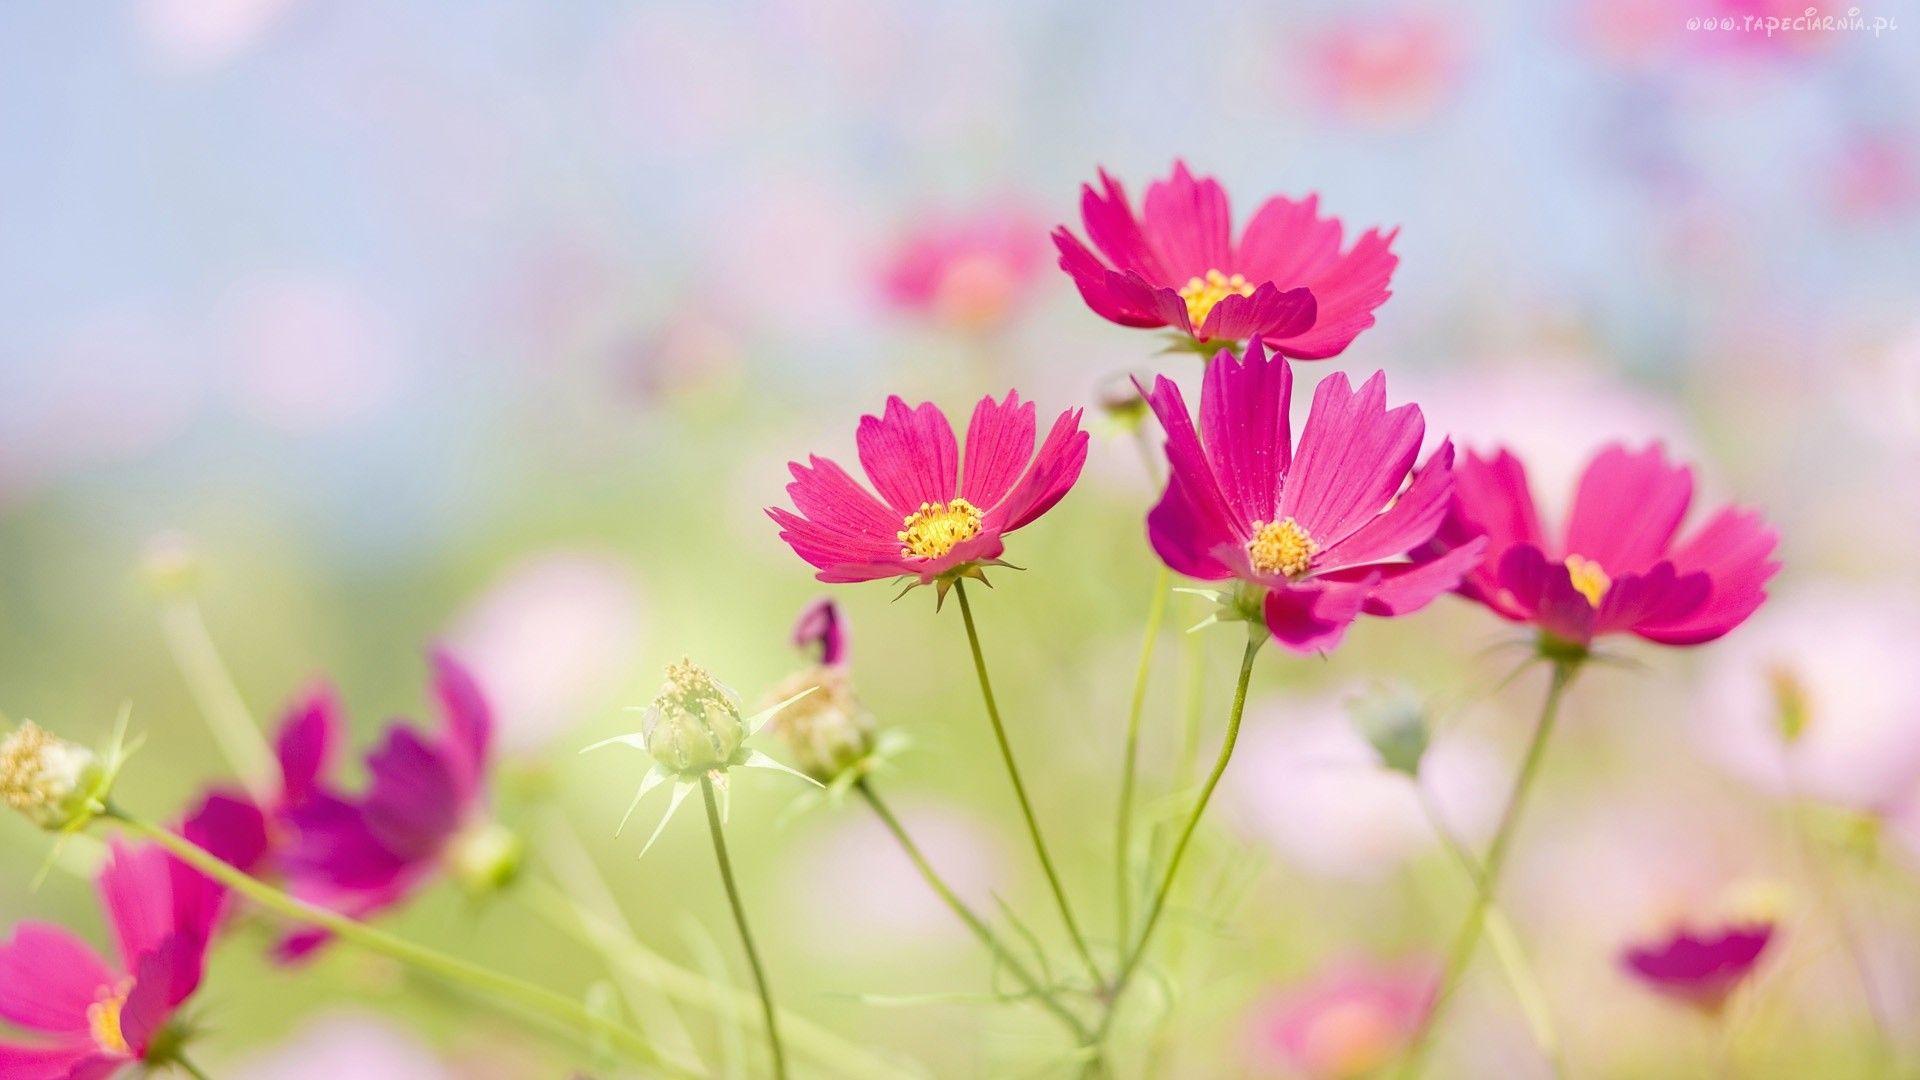 Edycja Tapety Rozowe Kwiaty Polne Tapety Tapeta Zdjecia Tapety Na Pulpit Flower Phone Wallpaper Best Flower Wallpaper Flower Wallpaper